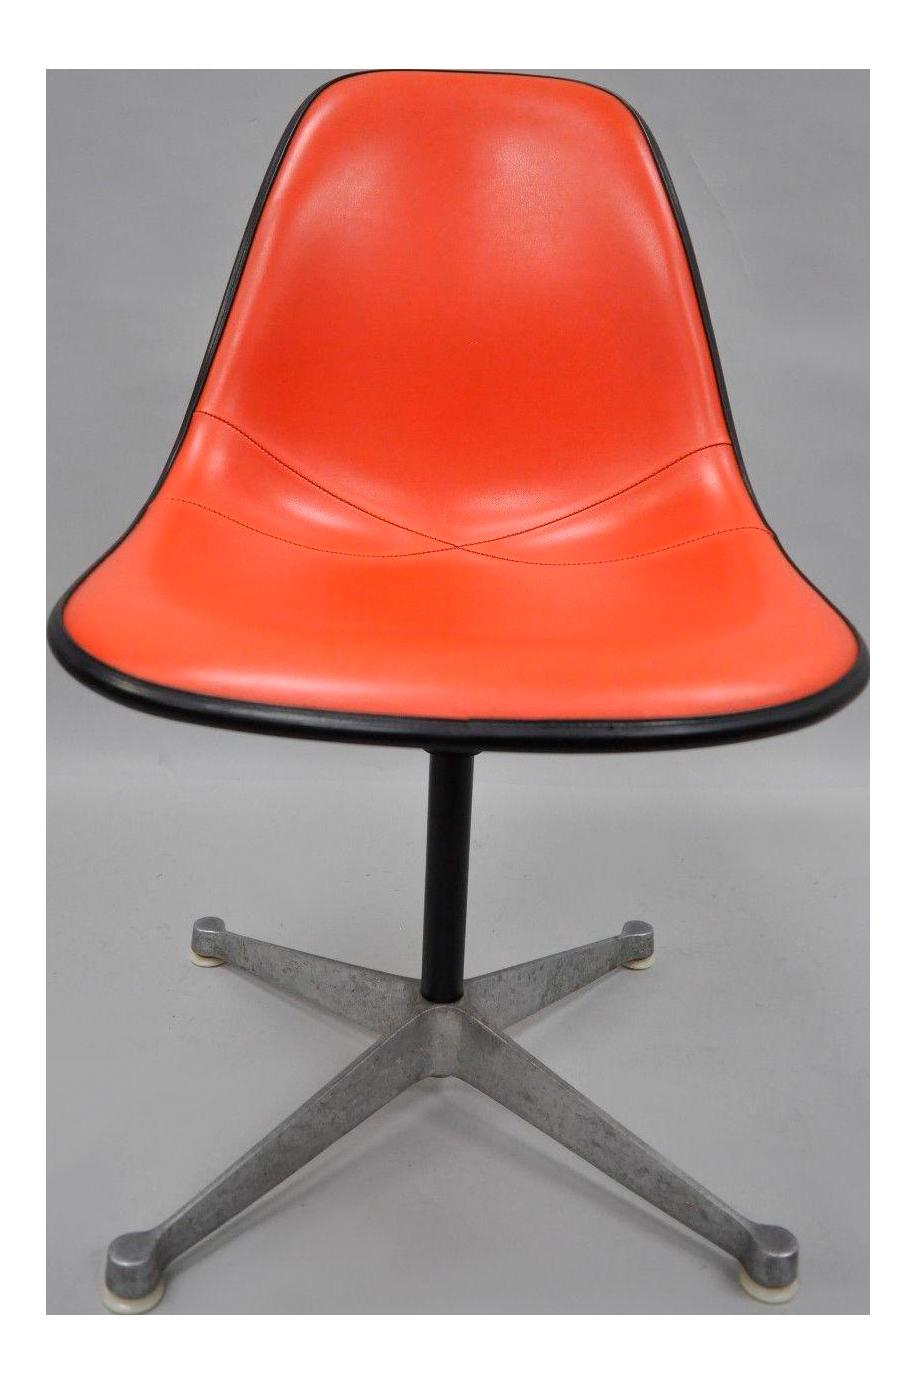 Vintage Herman Miller Eames Fiberglass Shell Swivel Chair